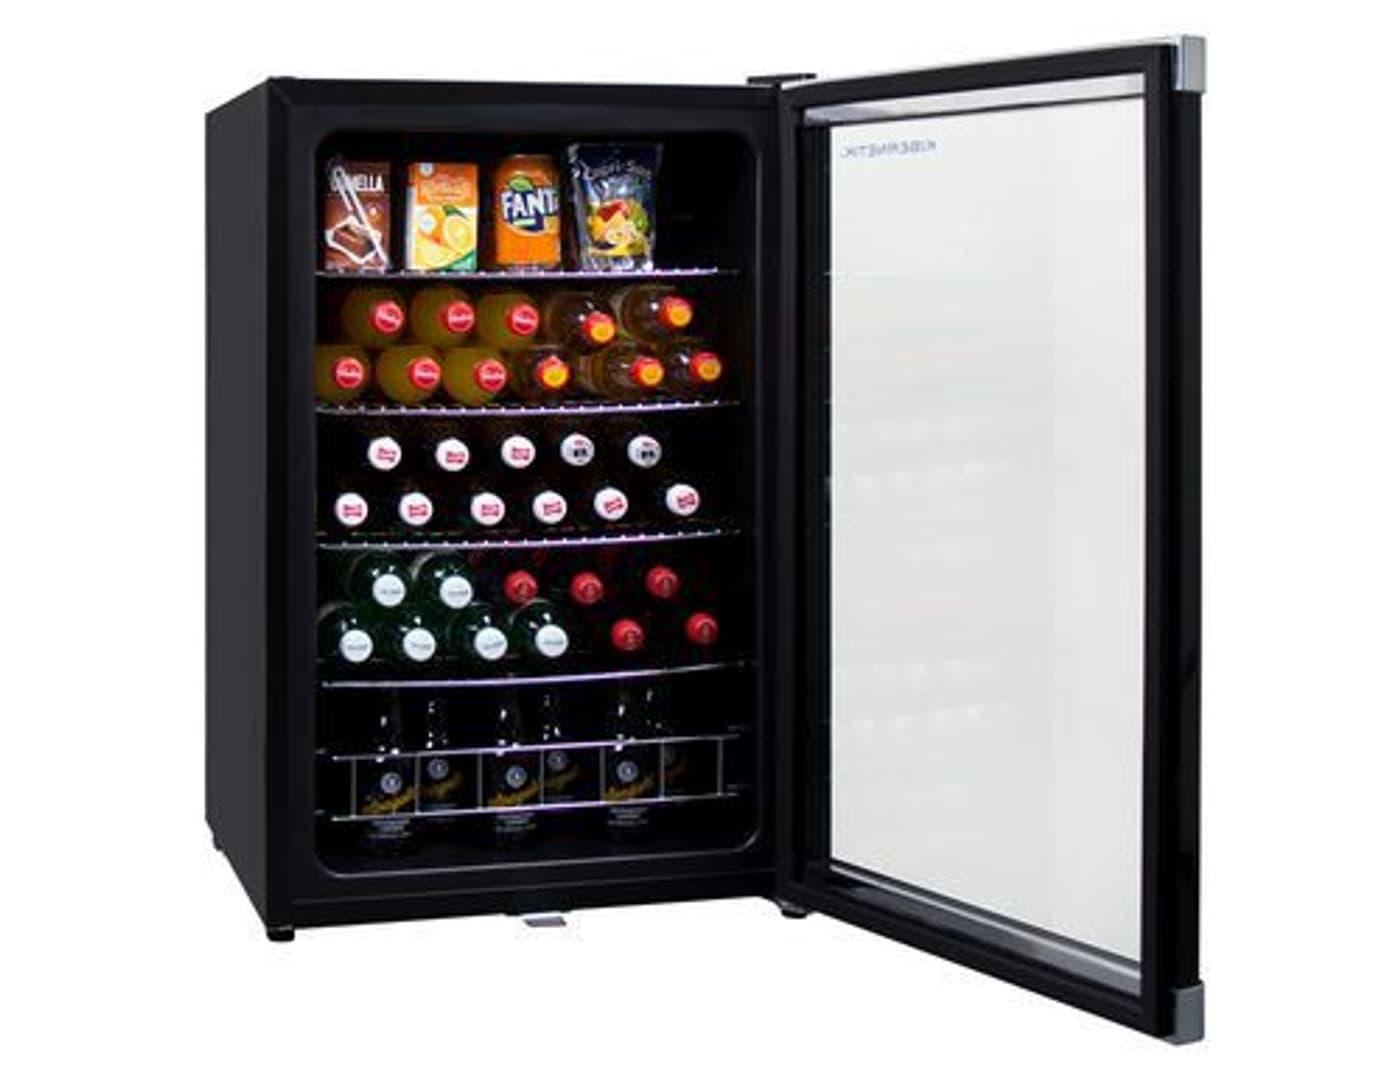 Mini Kühlschrank Migros : Kibernetik gk l kühlschrank migros